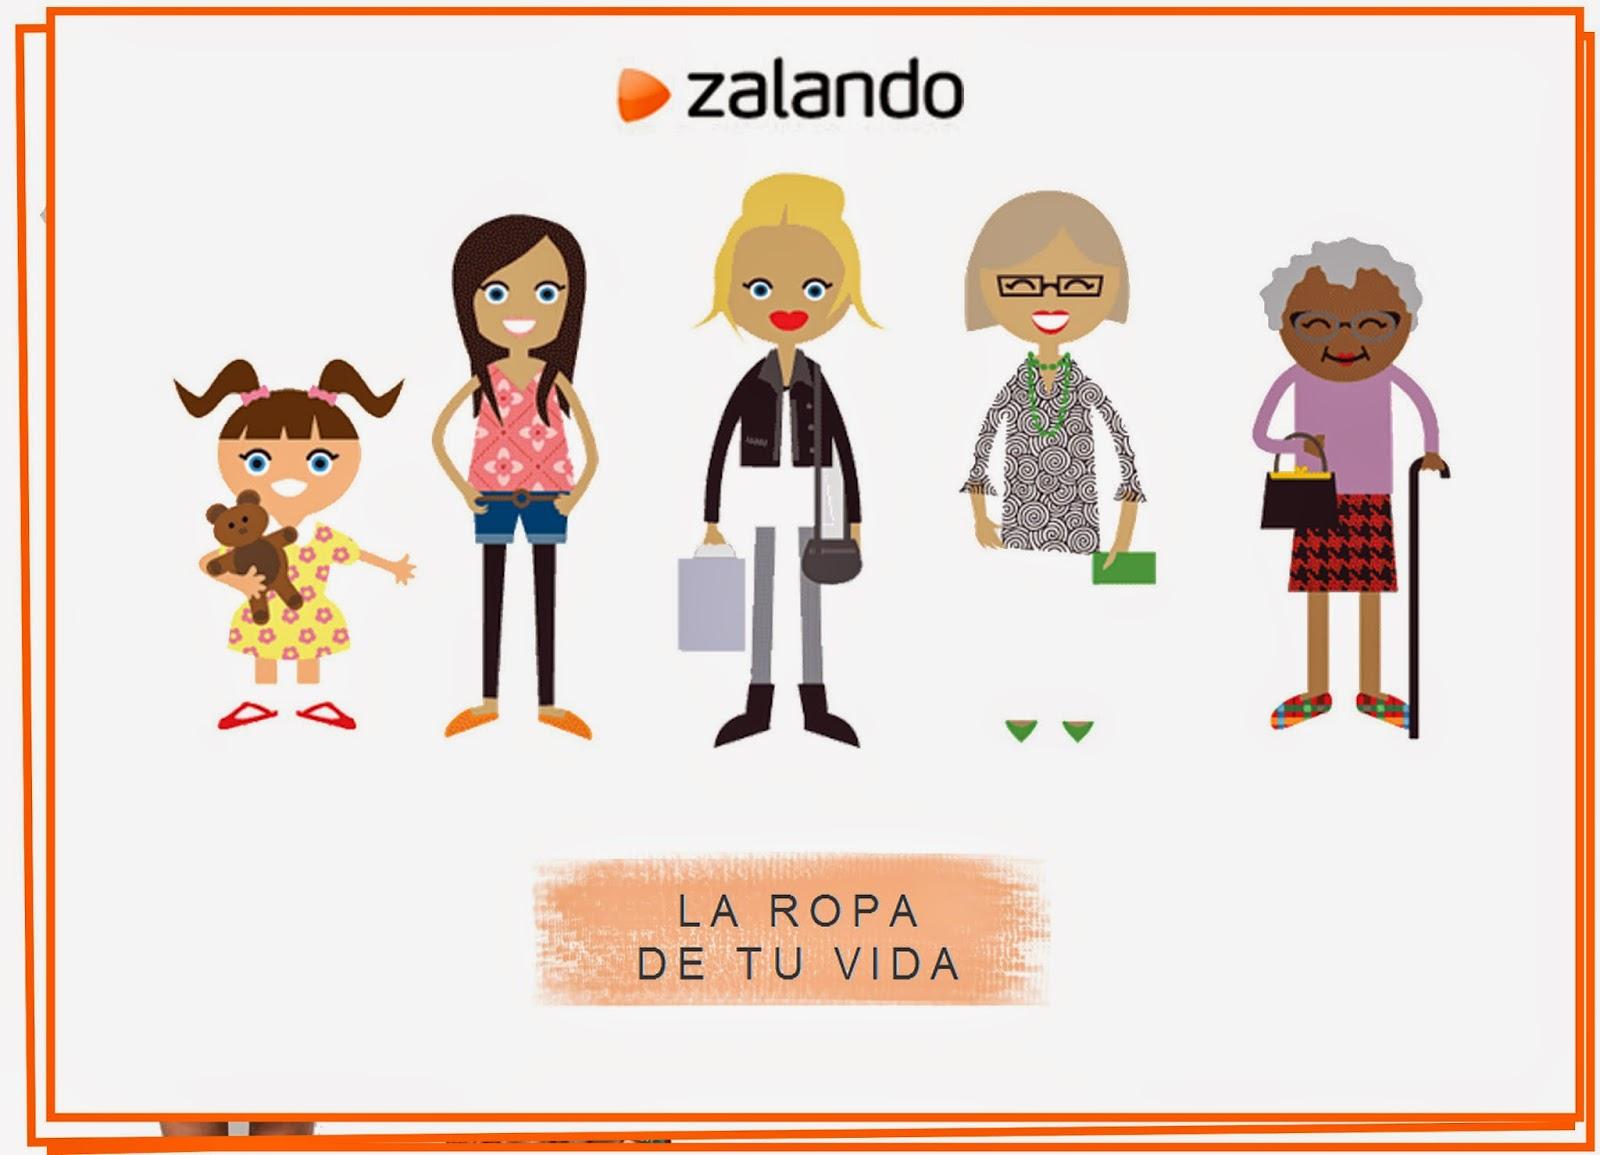 photo-zalando-la_ropa_de_tu_vida